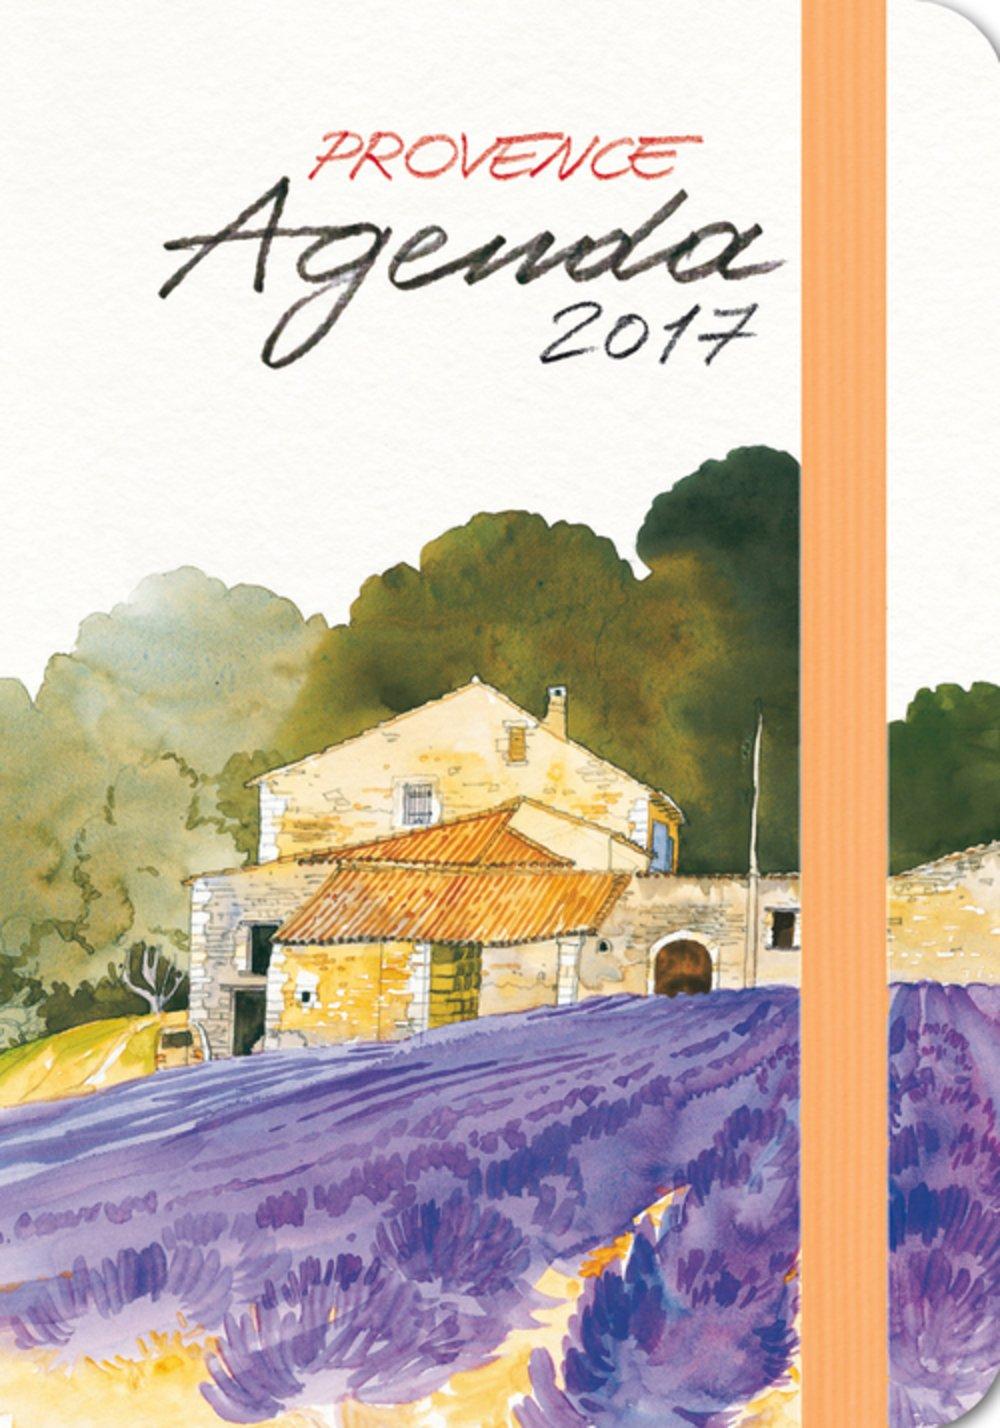 Provence Agenda 2017: Amazon.es: Fabrice Moireau: Libros en ...